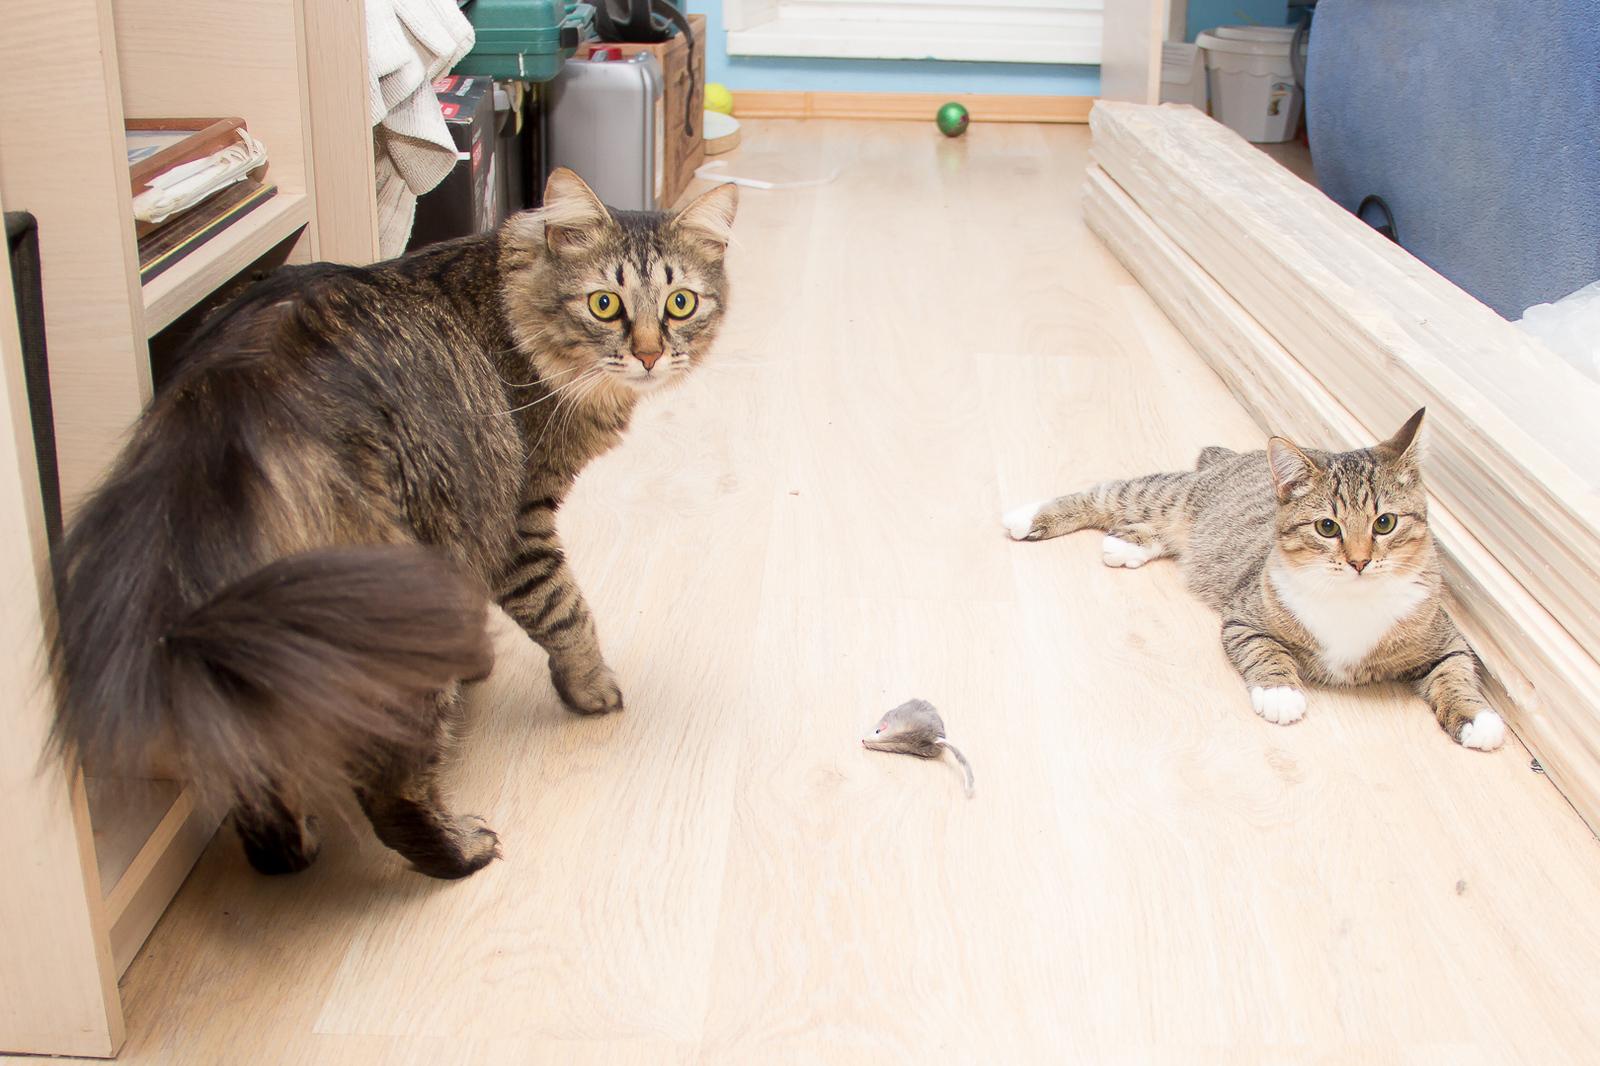 Пиздец котенку больше срать не будет аоткуда пошло